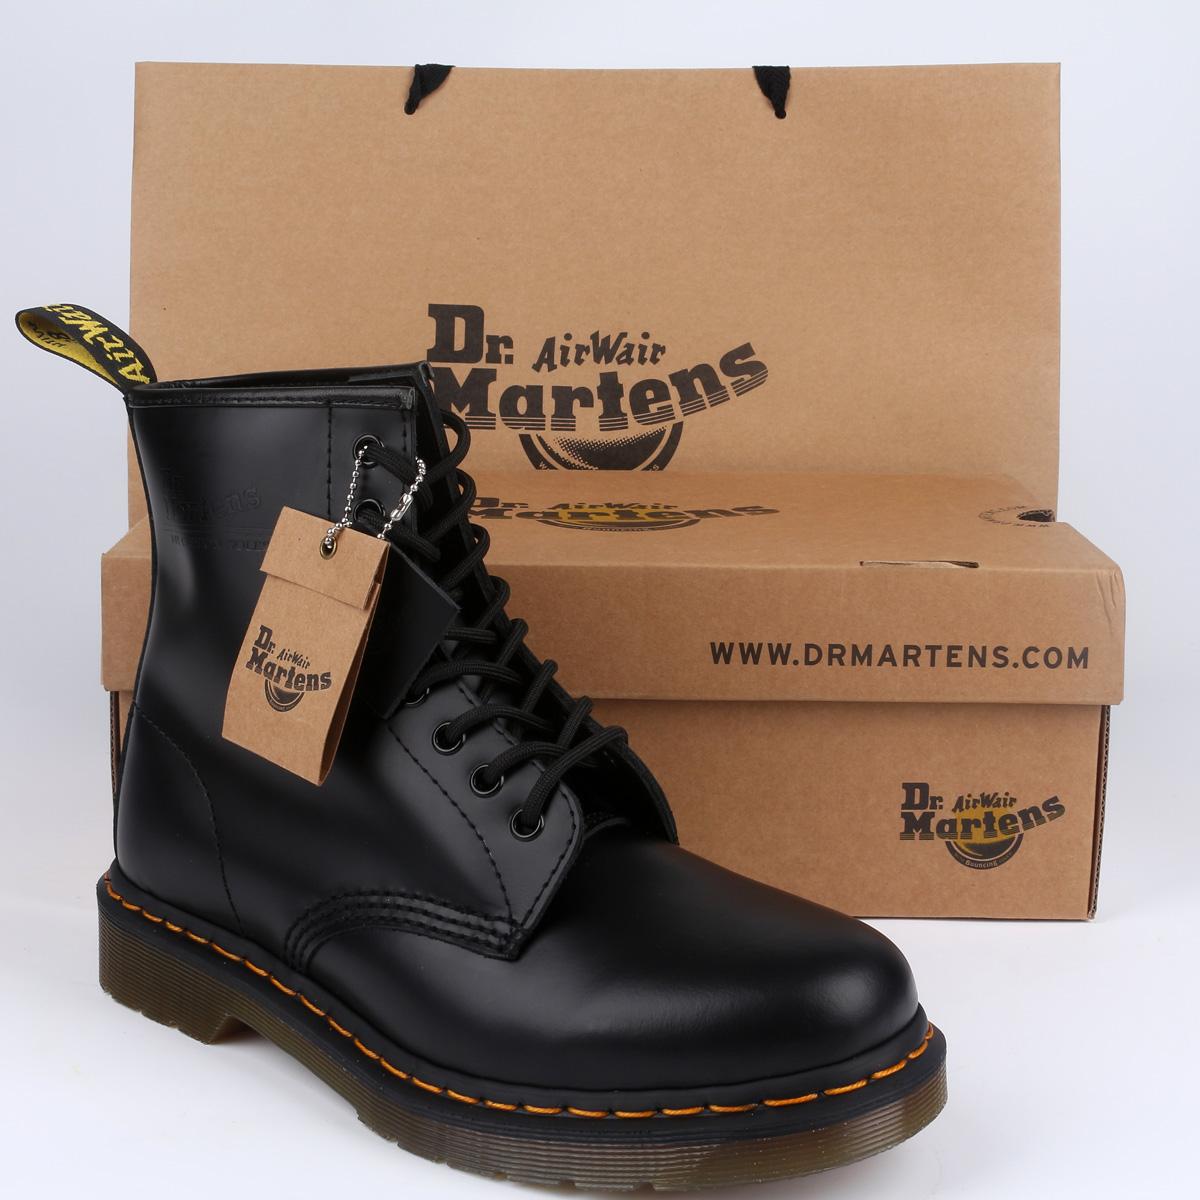 Гонконг счетчики аутентичные Dr.Martens 1460 8 отверстие Мартин высокие сапоги мужские сапоги Сапоги сапоги для мужчин и женщин обувь